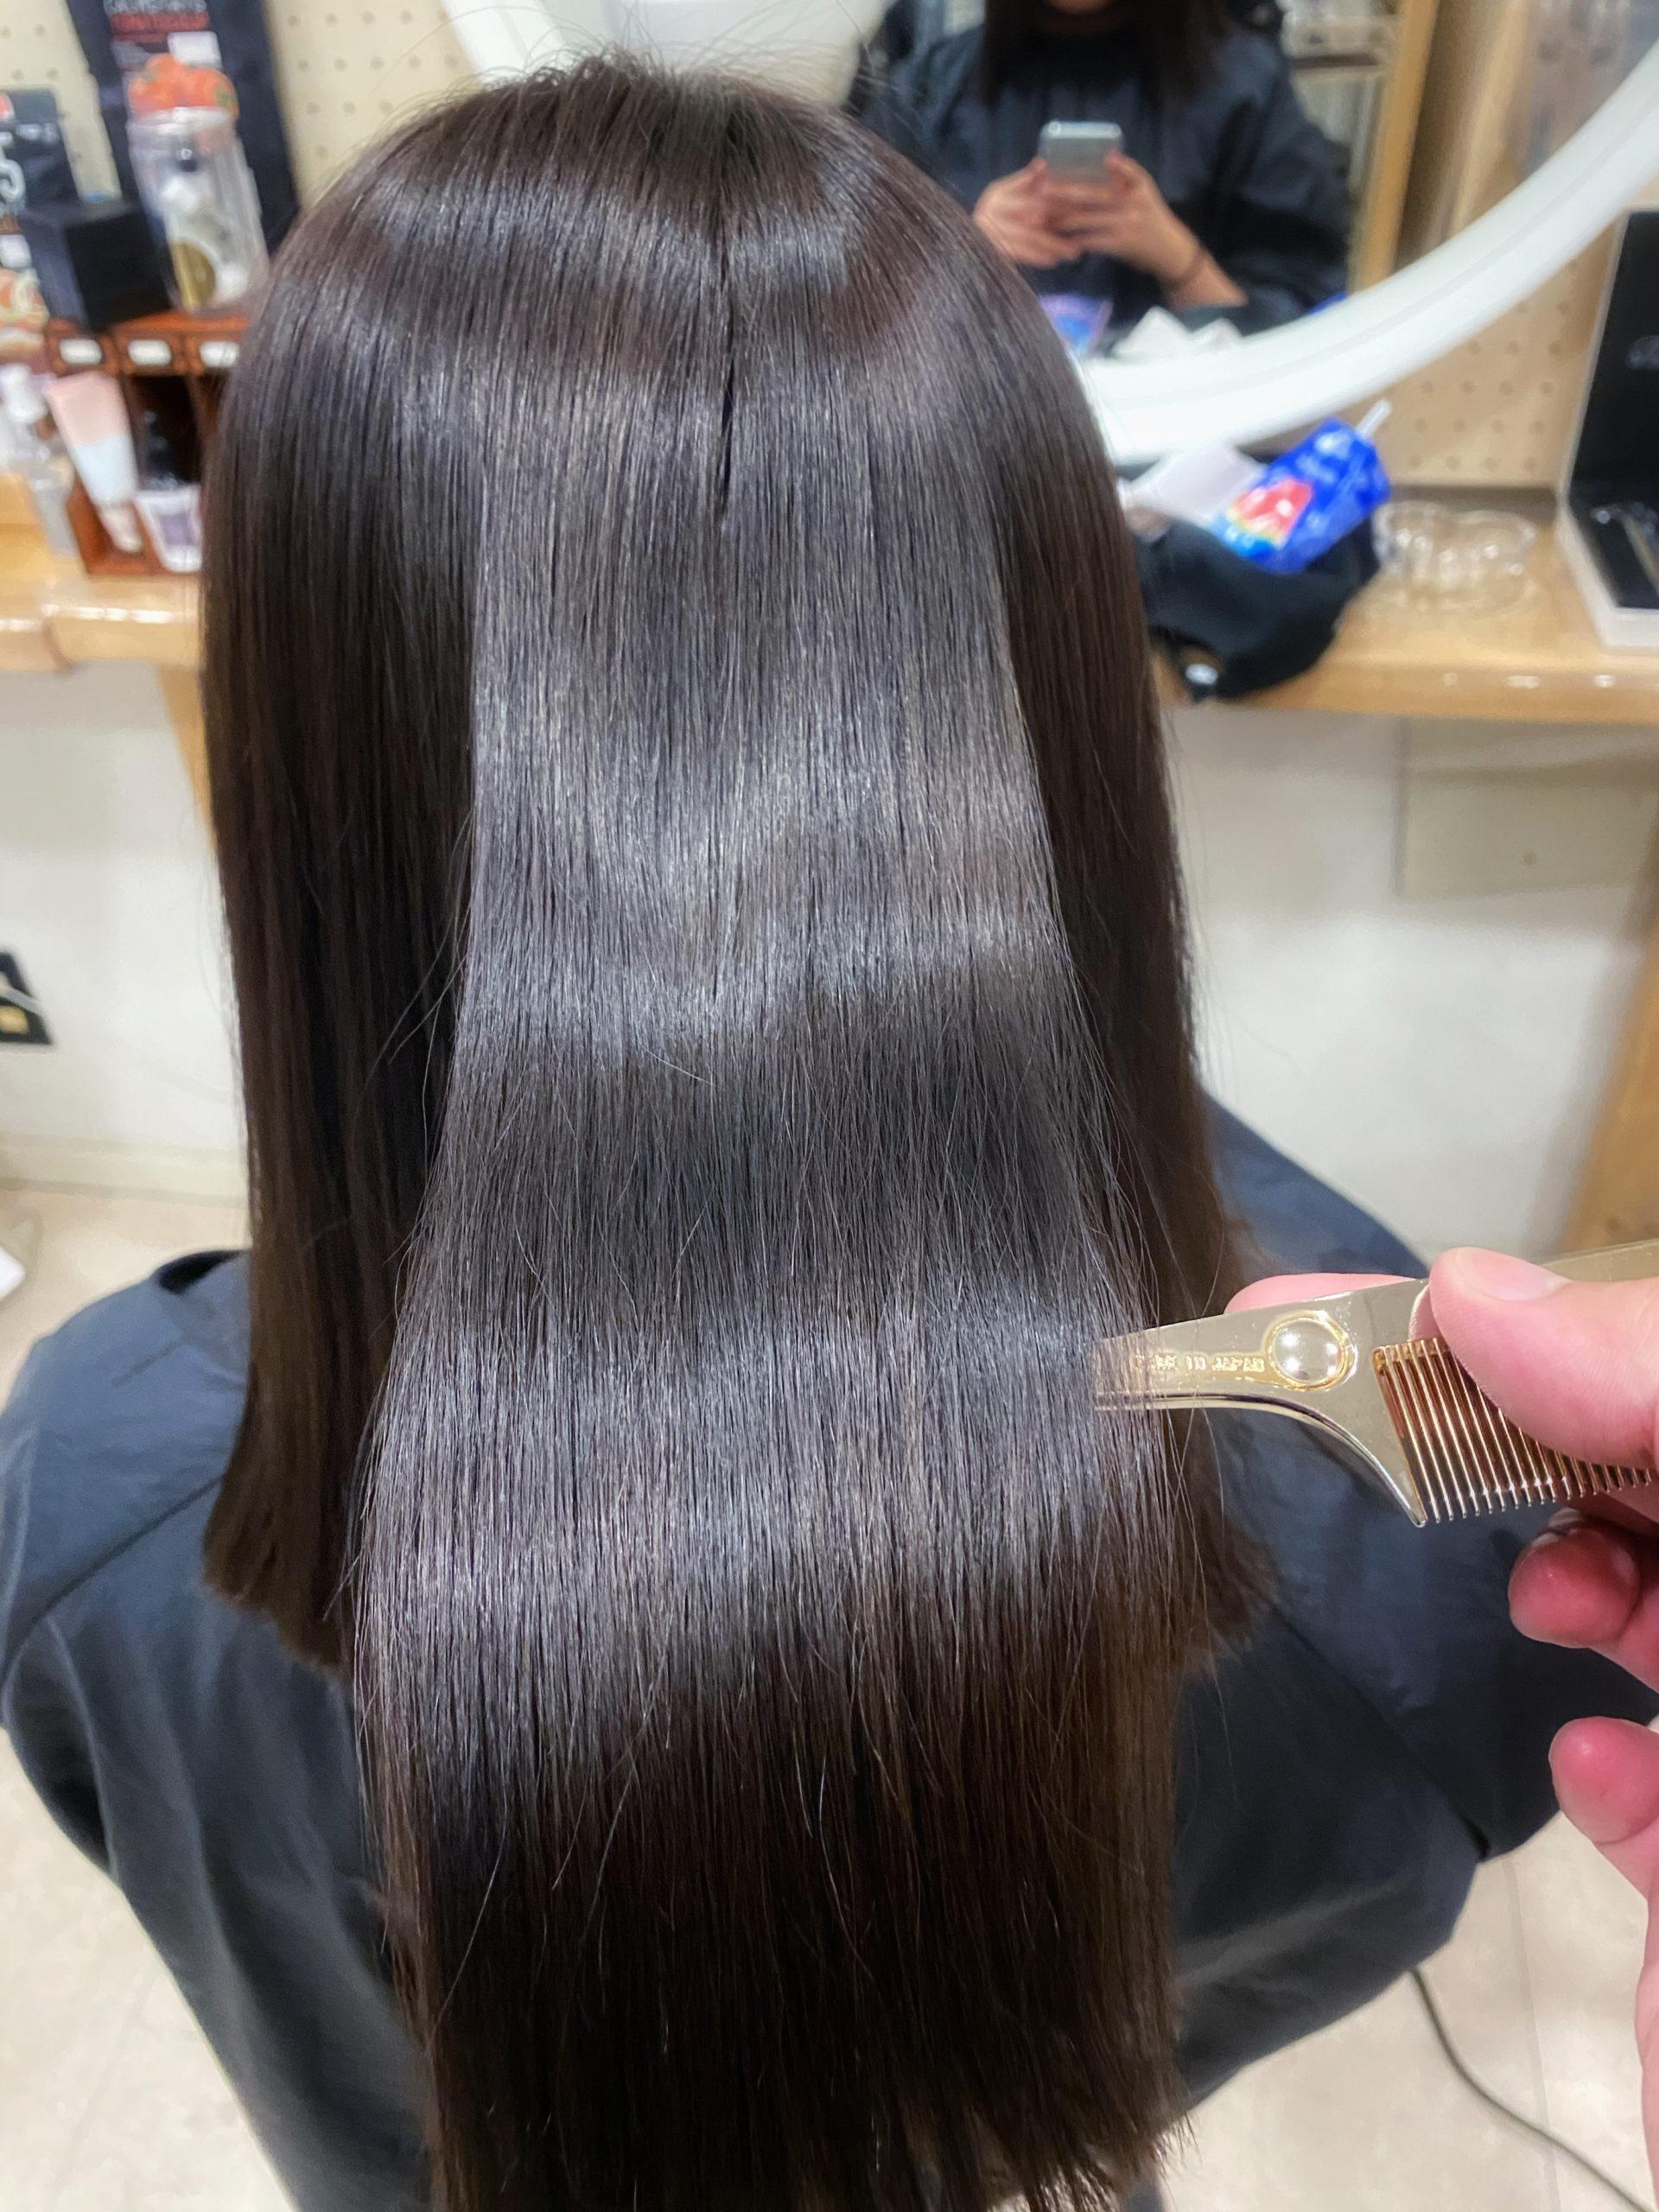 ブリーチとスパイラルパーマをしている髪に【ビビリ矯正】で艶髪ストレートヘアに変身。原宿・表参道『髪のお悩みを解決するヘアケア美容師の挑戦』